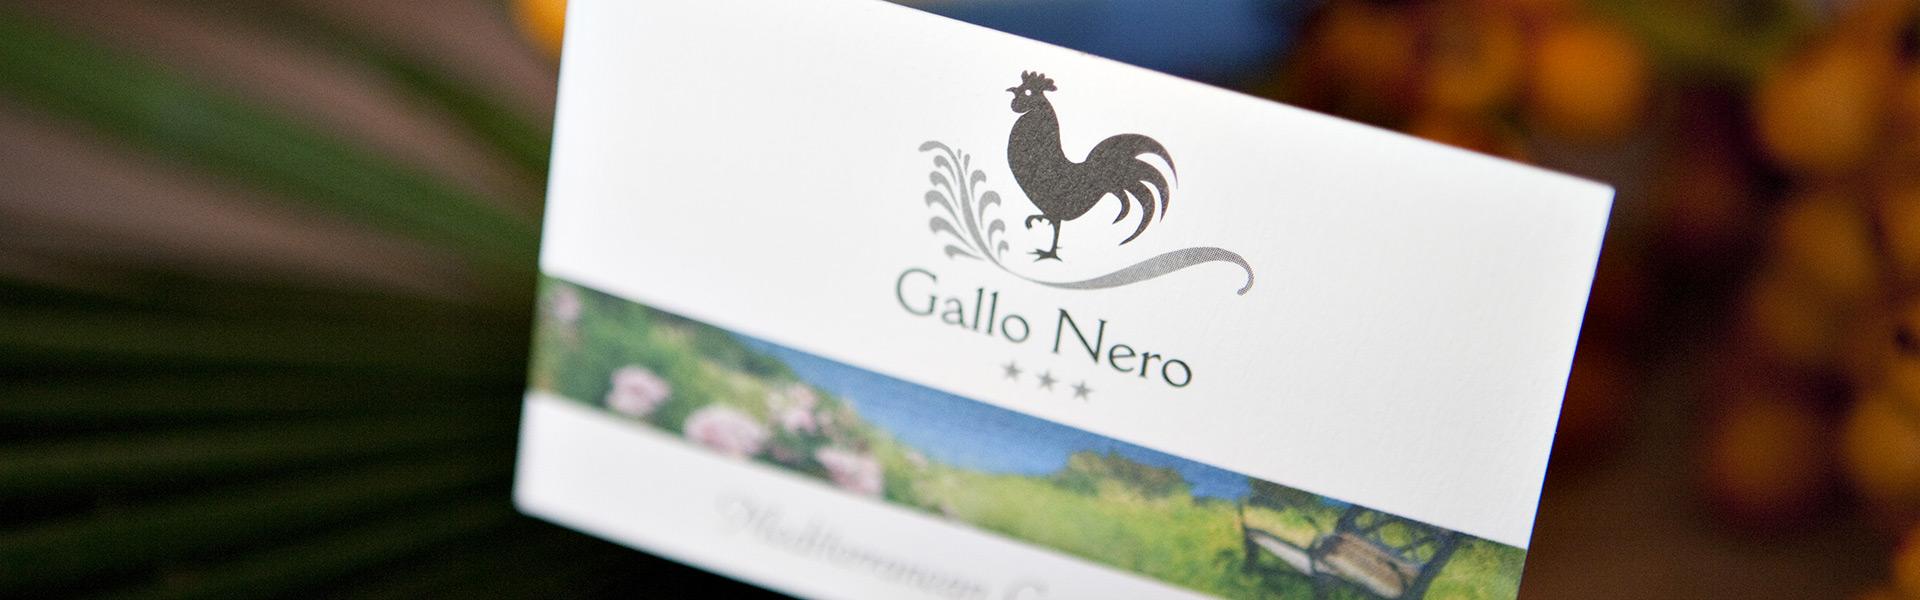 Richiesta Hotel Gallo Nero